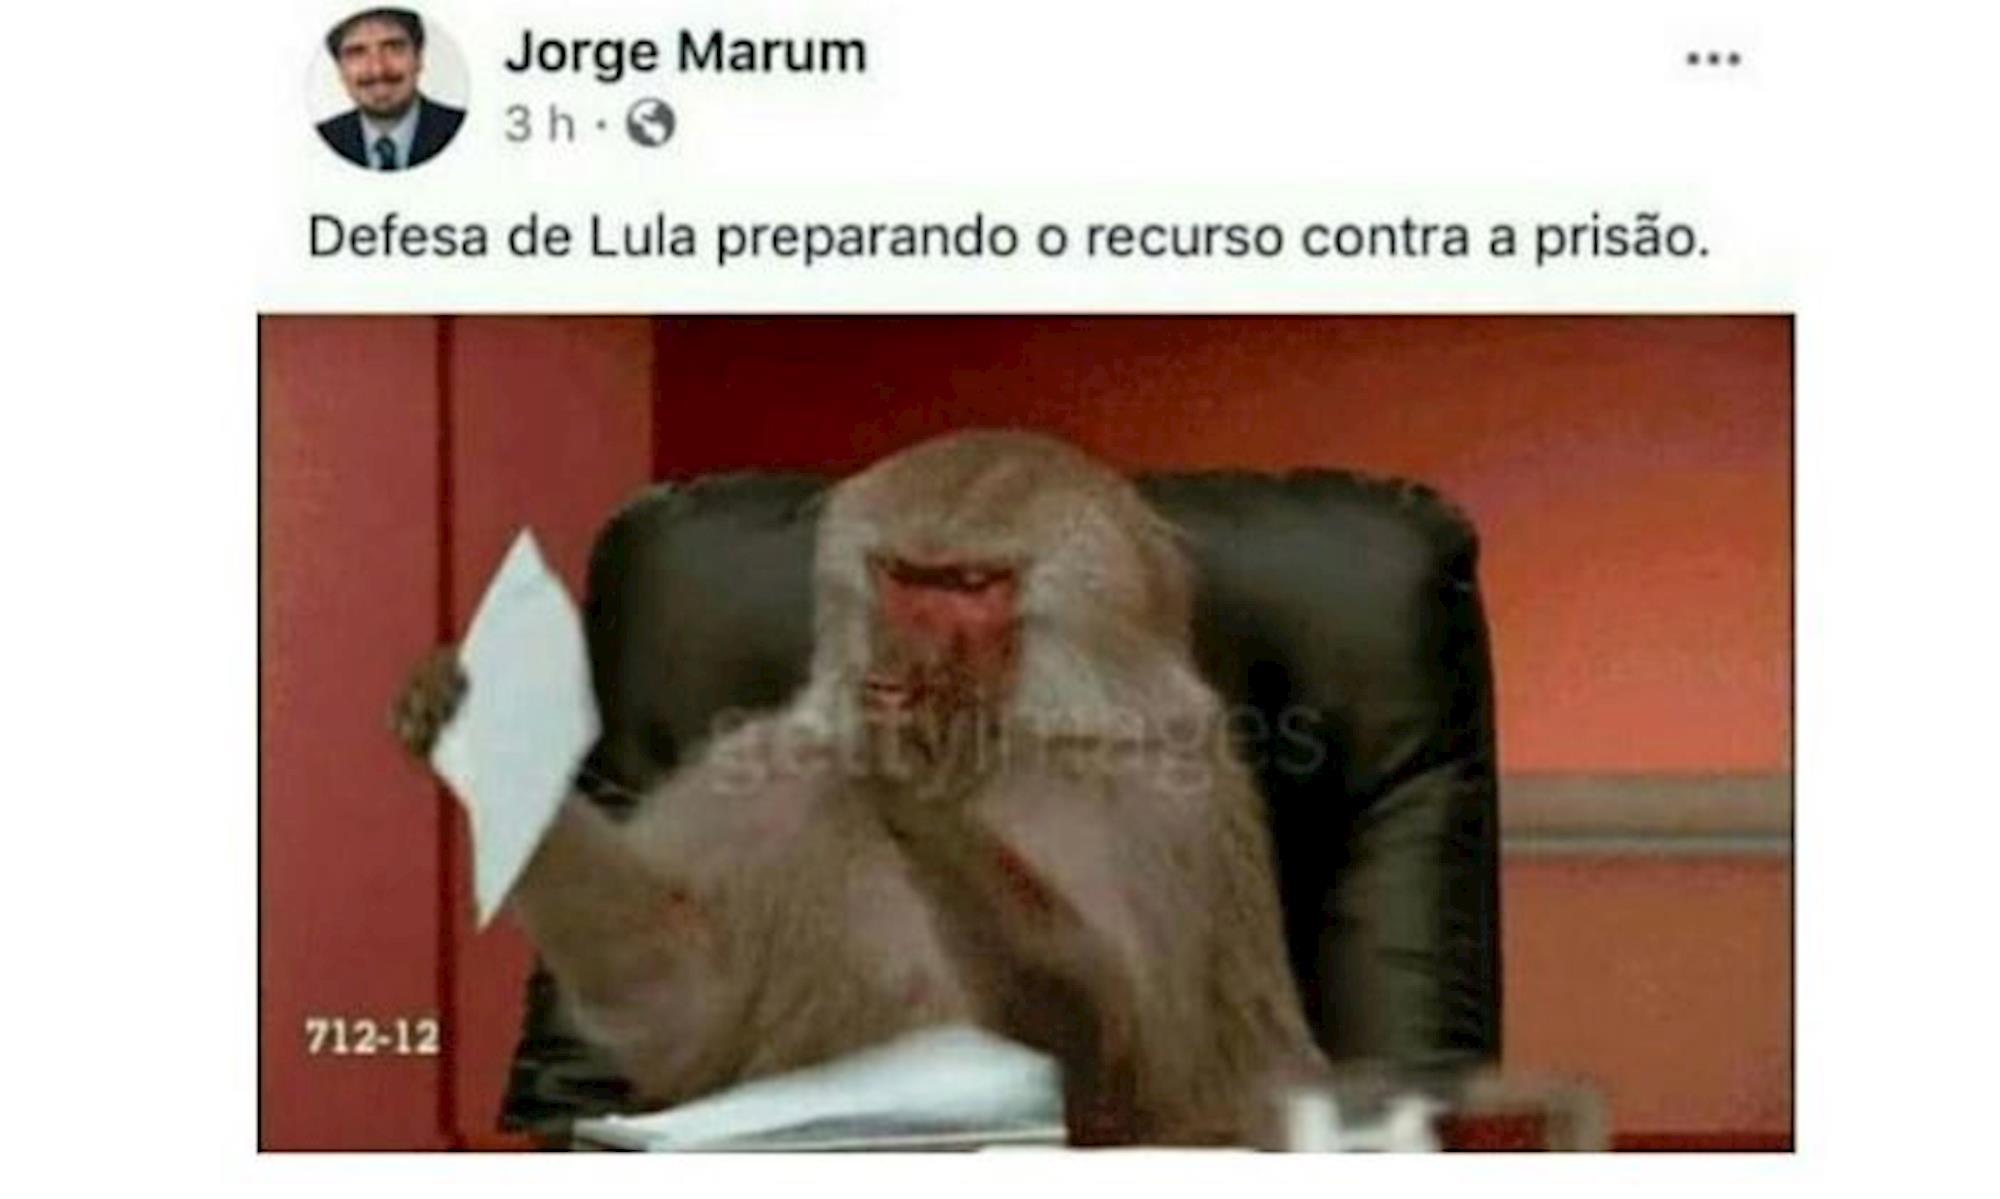 Marum, Divulgação